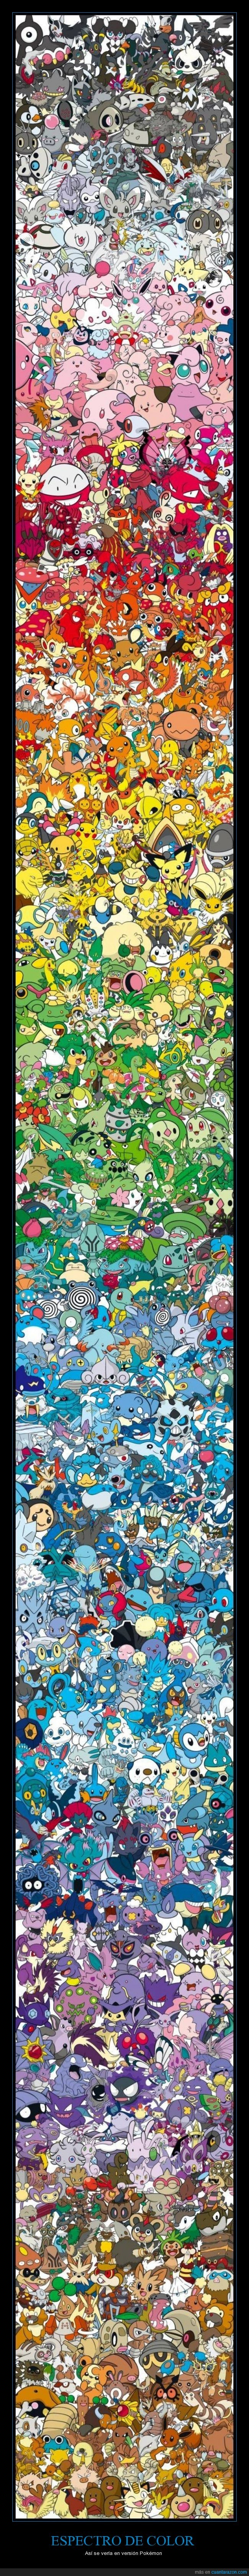 colores,currado,espectro de color,pokémon